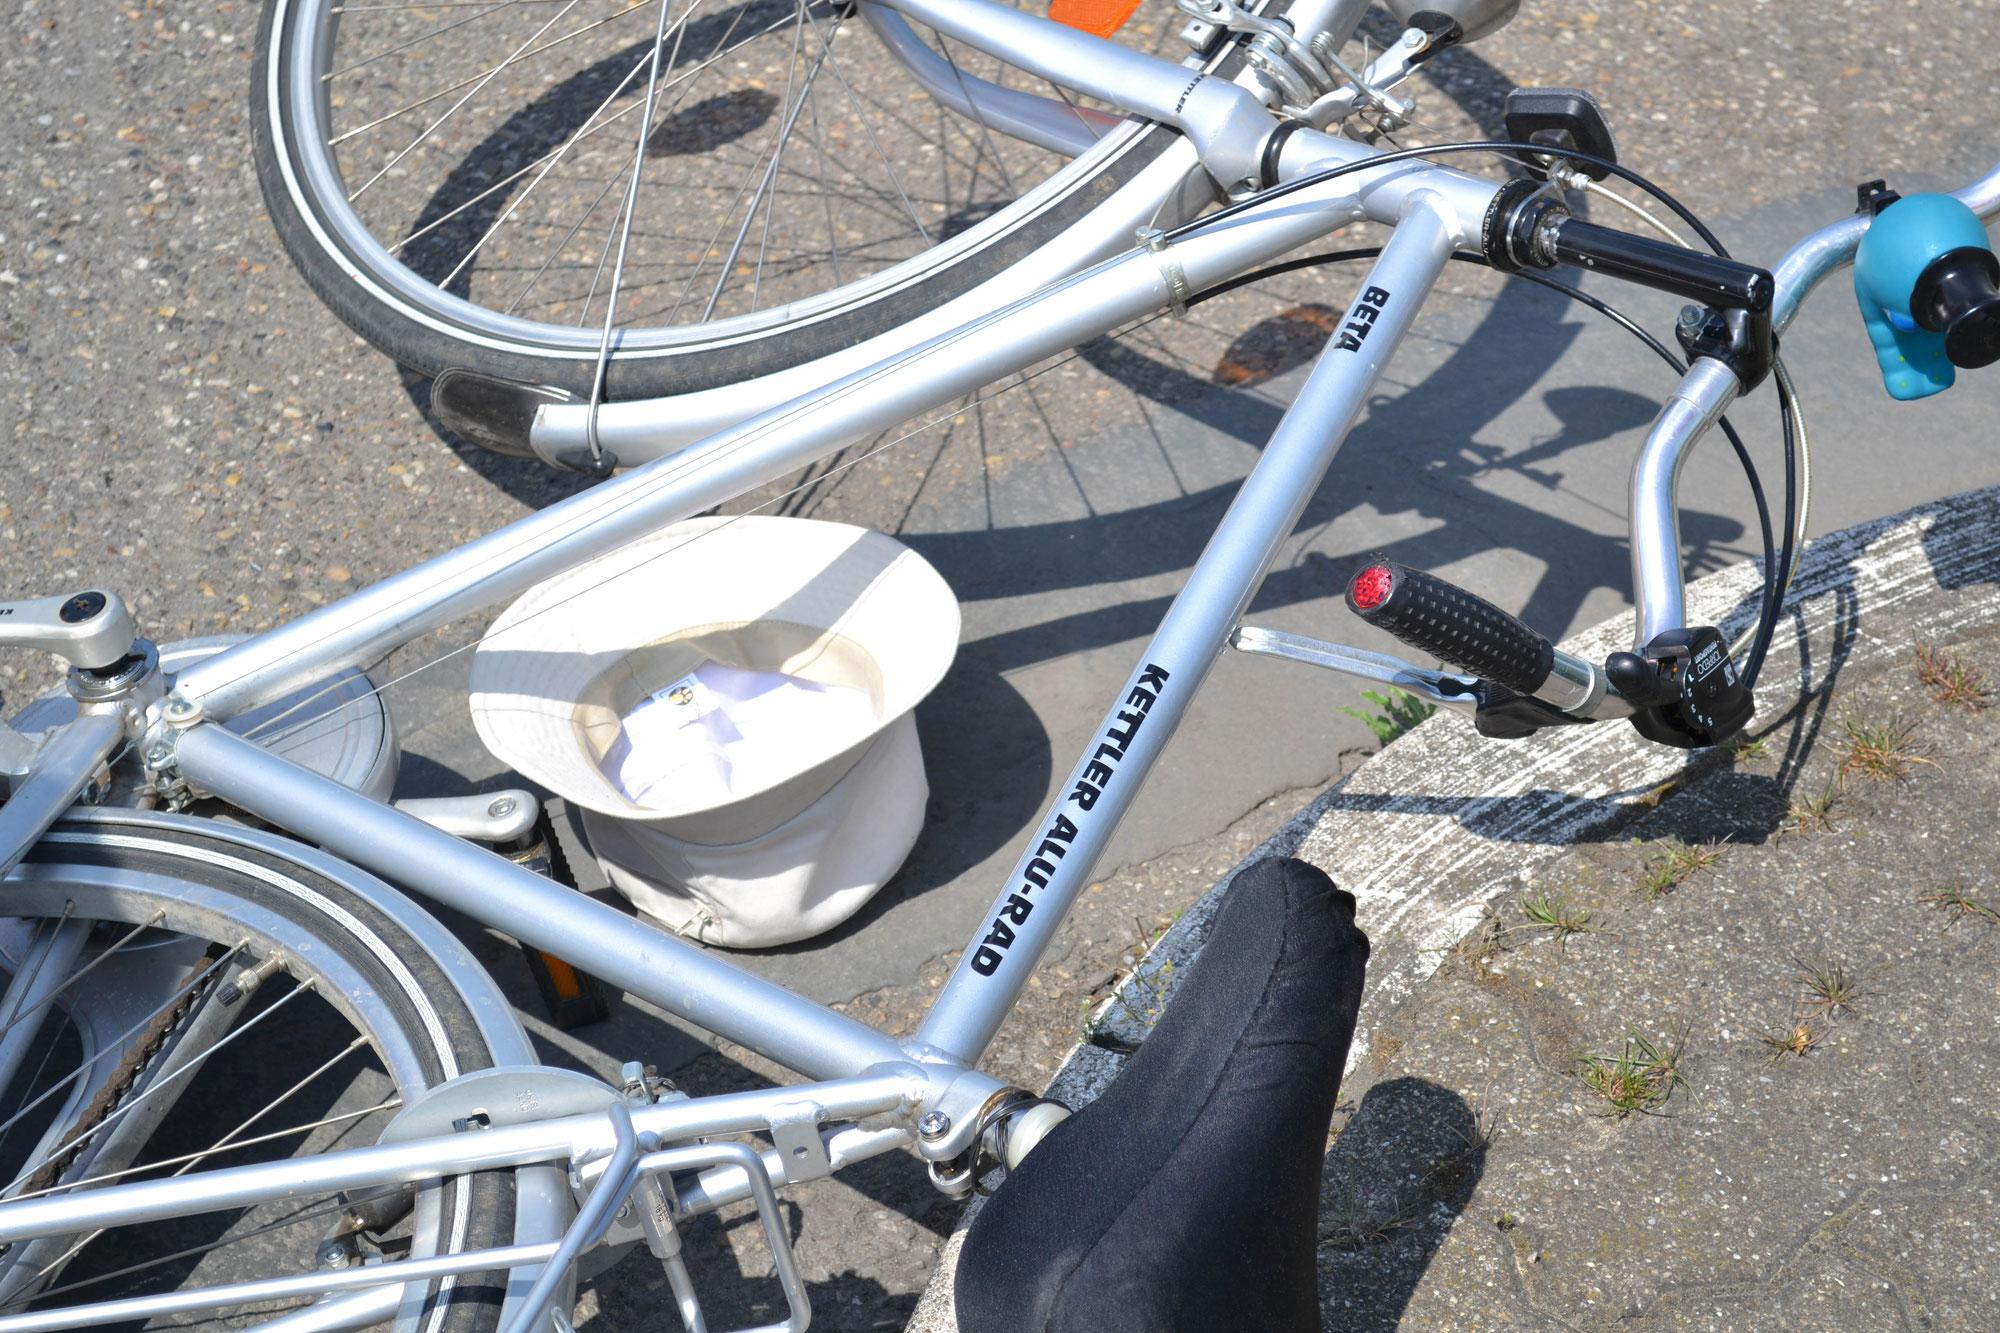 Eggenstein-Leopoldshafen: Betrunkener Fahrradfahrer auf der B 36